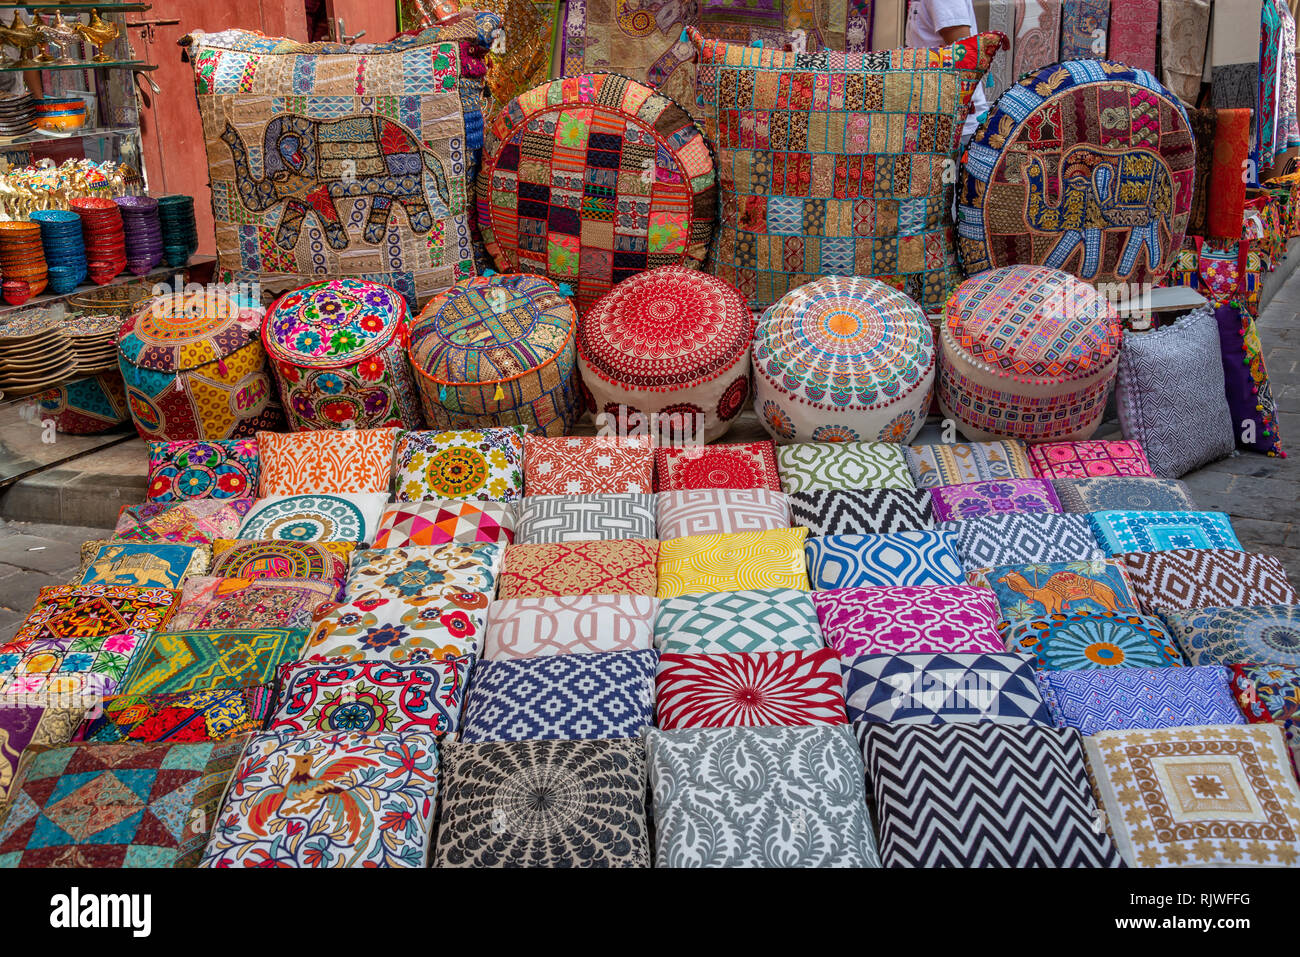 Cuscini Arabi.Coloratissimi Cuscini E Guanciali Nel Souk Di Dubai Emirati Arabi